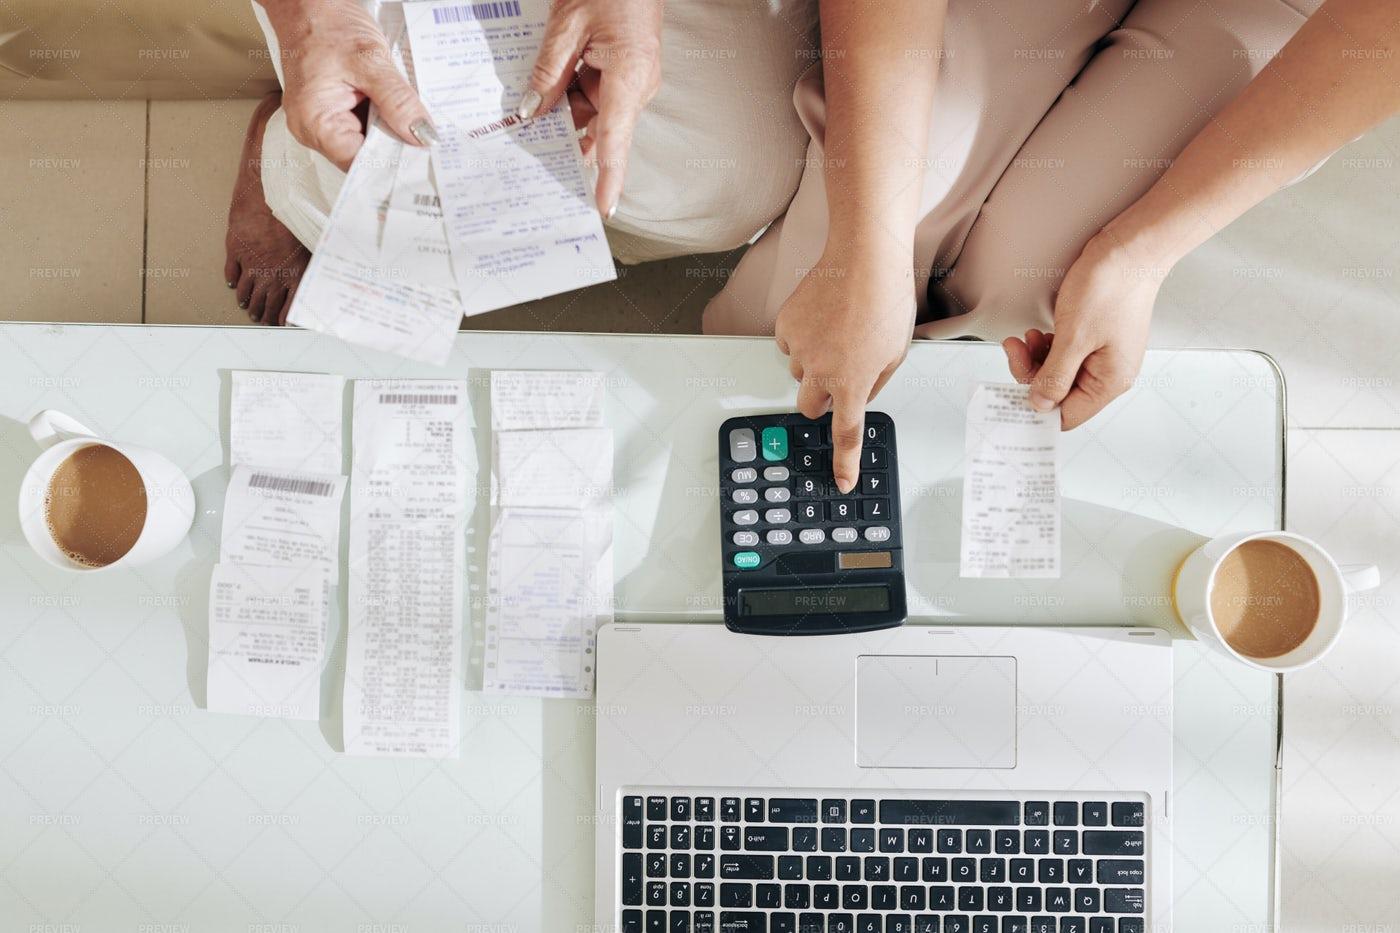 Checking Home Finances: Stock Photos